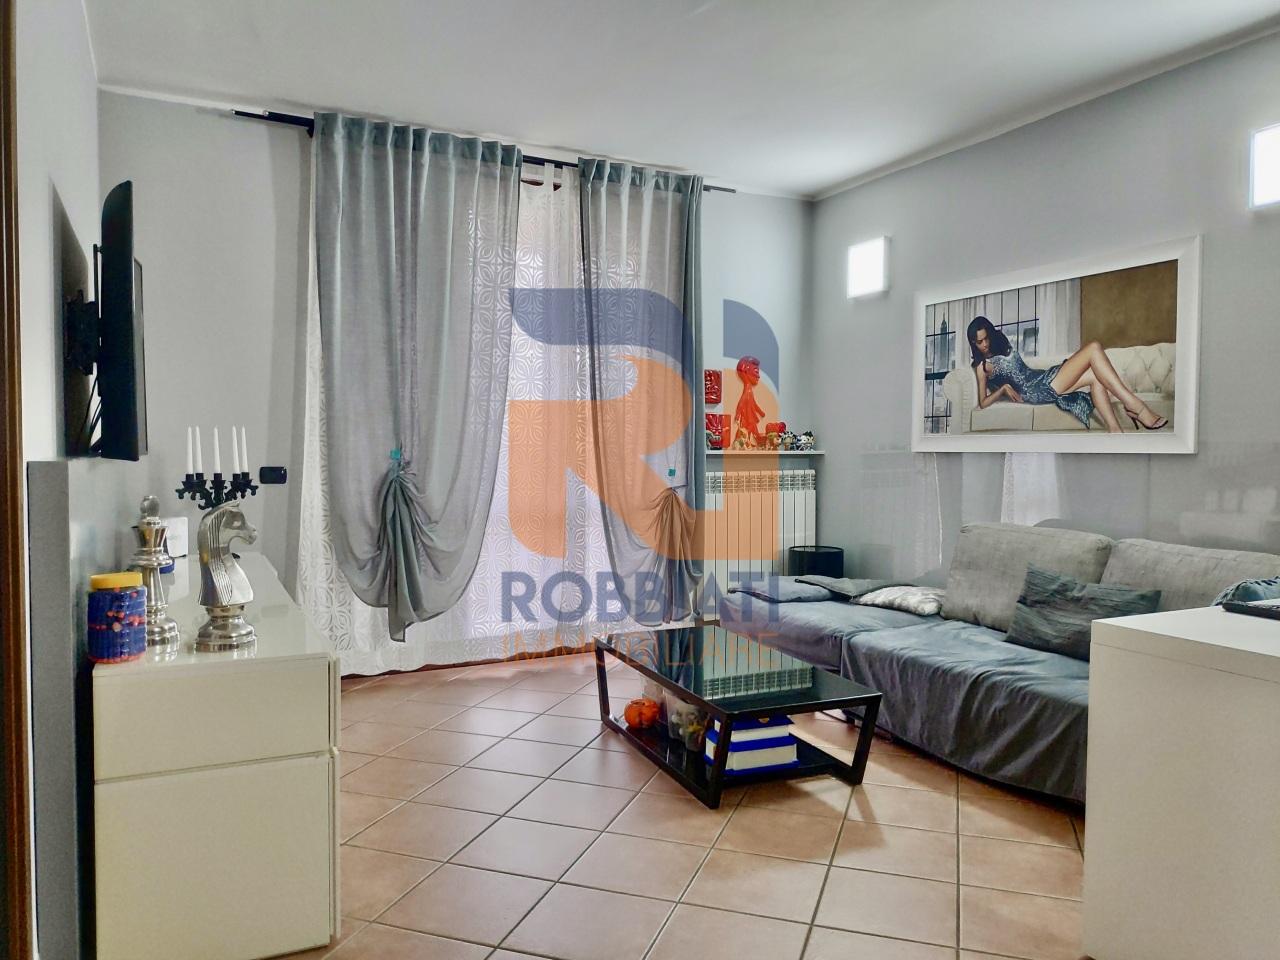 Appartamento in vendita a San Martino Siccomario, 3 locali, prezzo € 140.000 | PortaleAgenzieImmobiliari.it